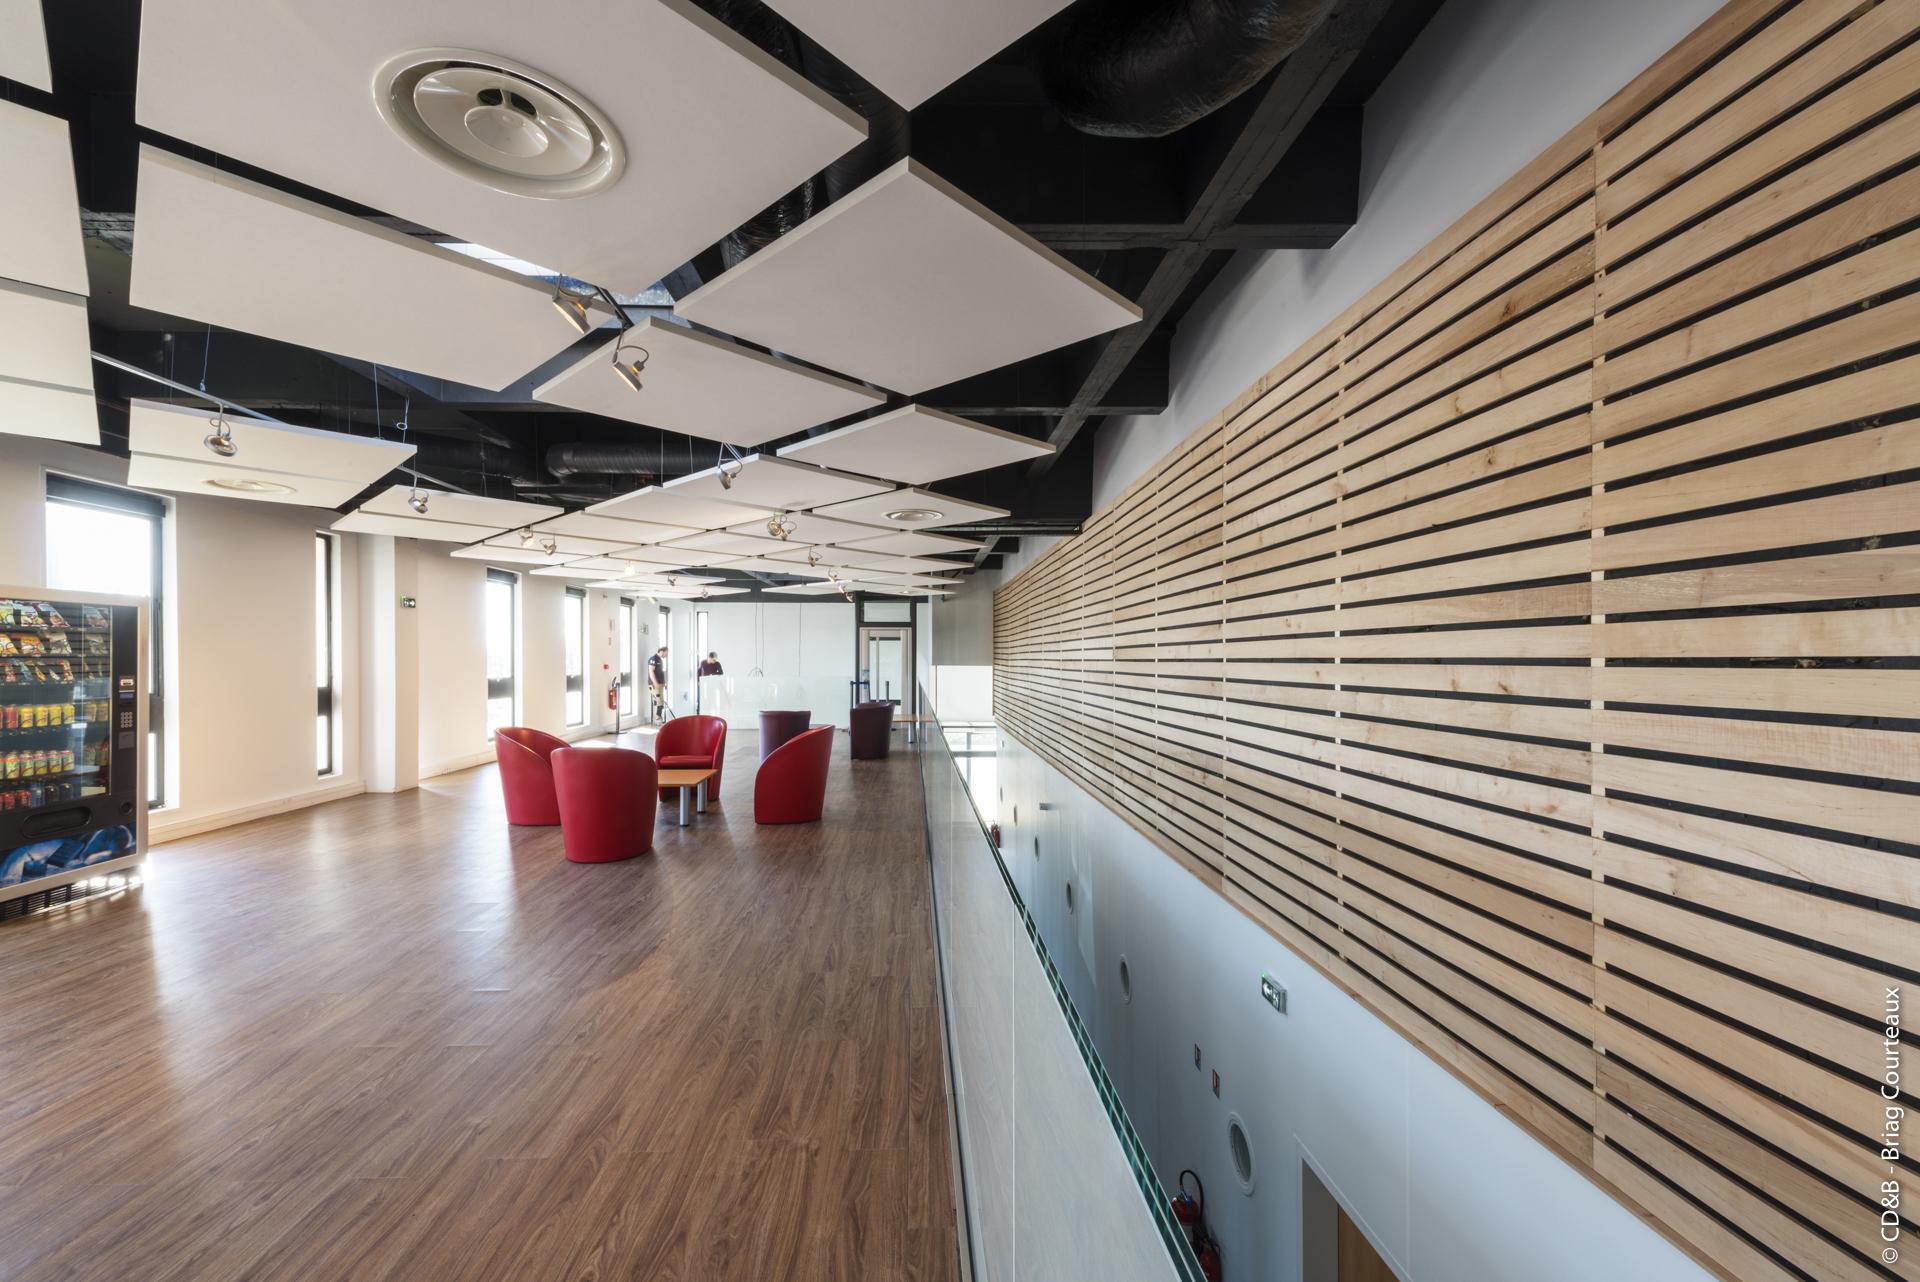 Conseil, aménagement, conception et réalisation des espaces de la société Osiatis par CDB, Meet you there.